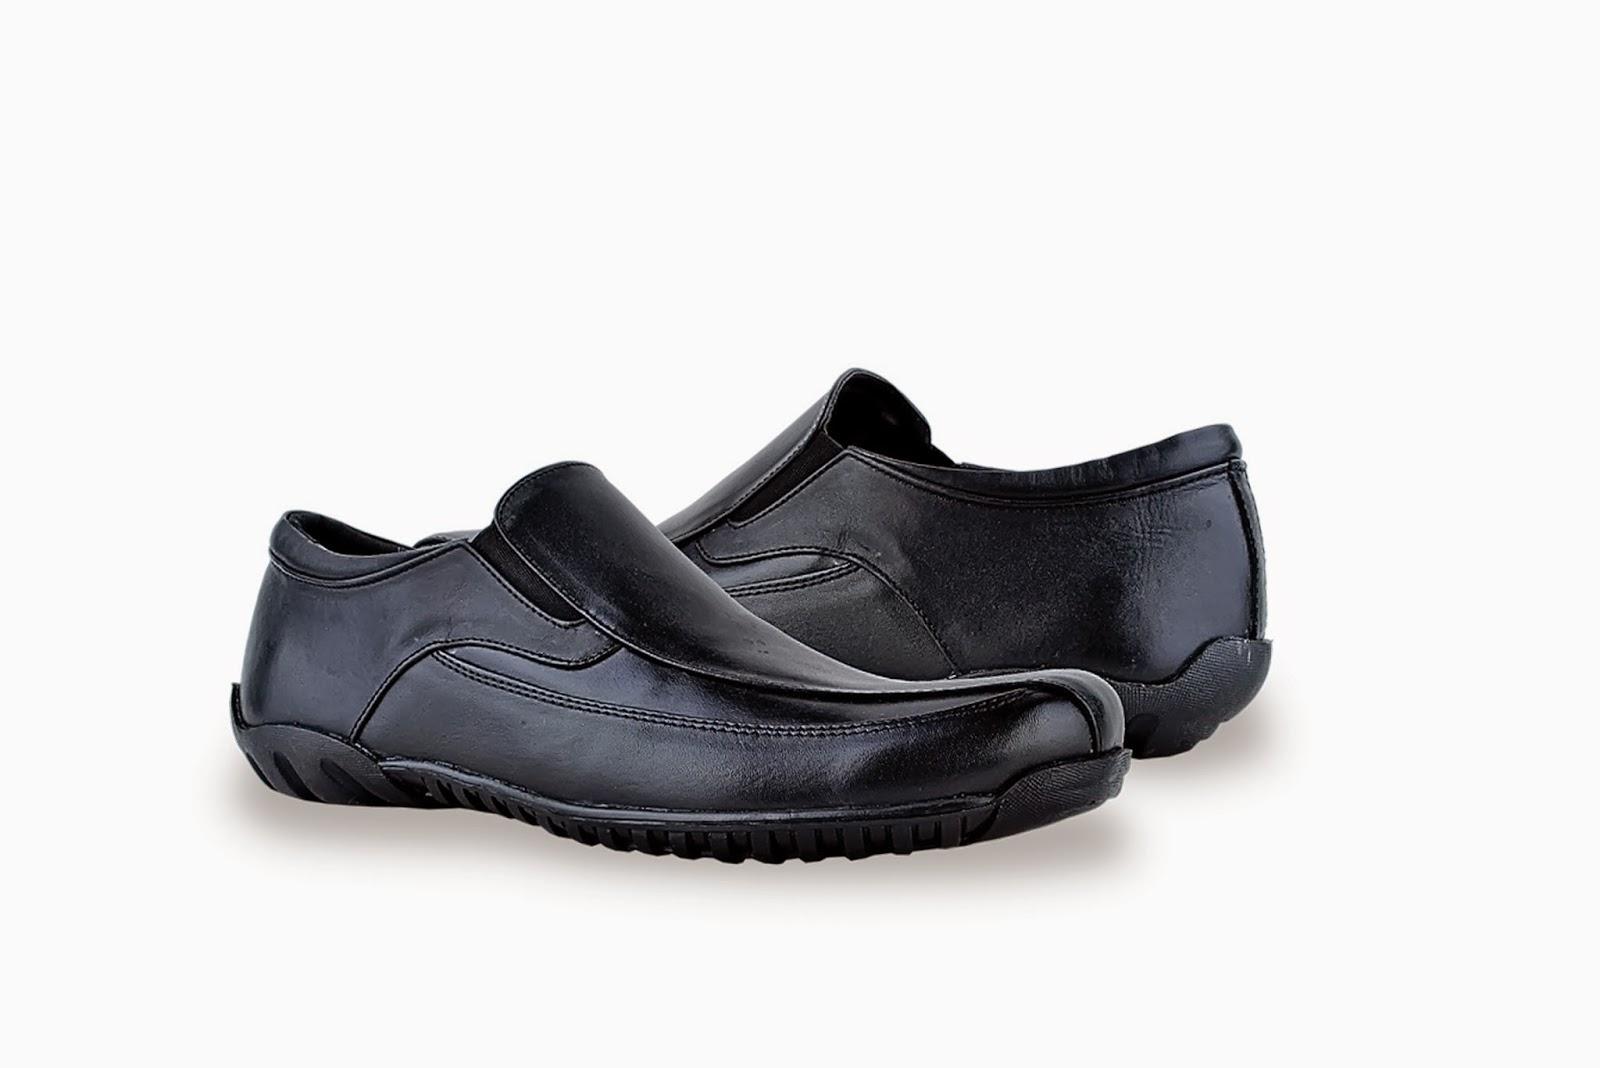 Sepatu Kerja Pria Terbaru, Jual Sepatu Kerja Pria Terbaru, Sepatu Kerja Pria Terbaru Murah, Sepatu Kerja Pria Terbaru Online